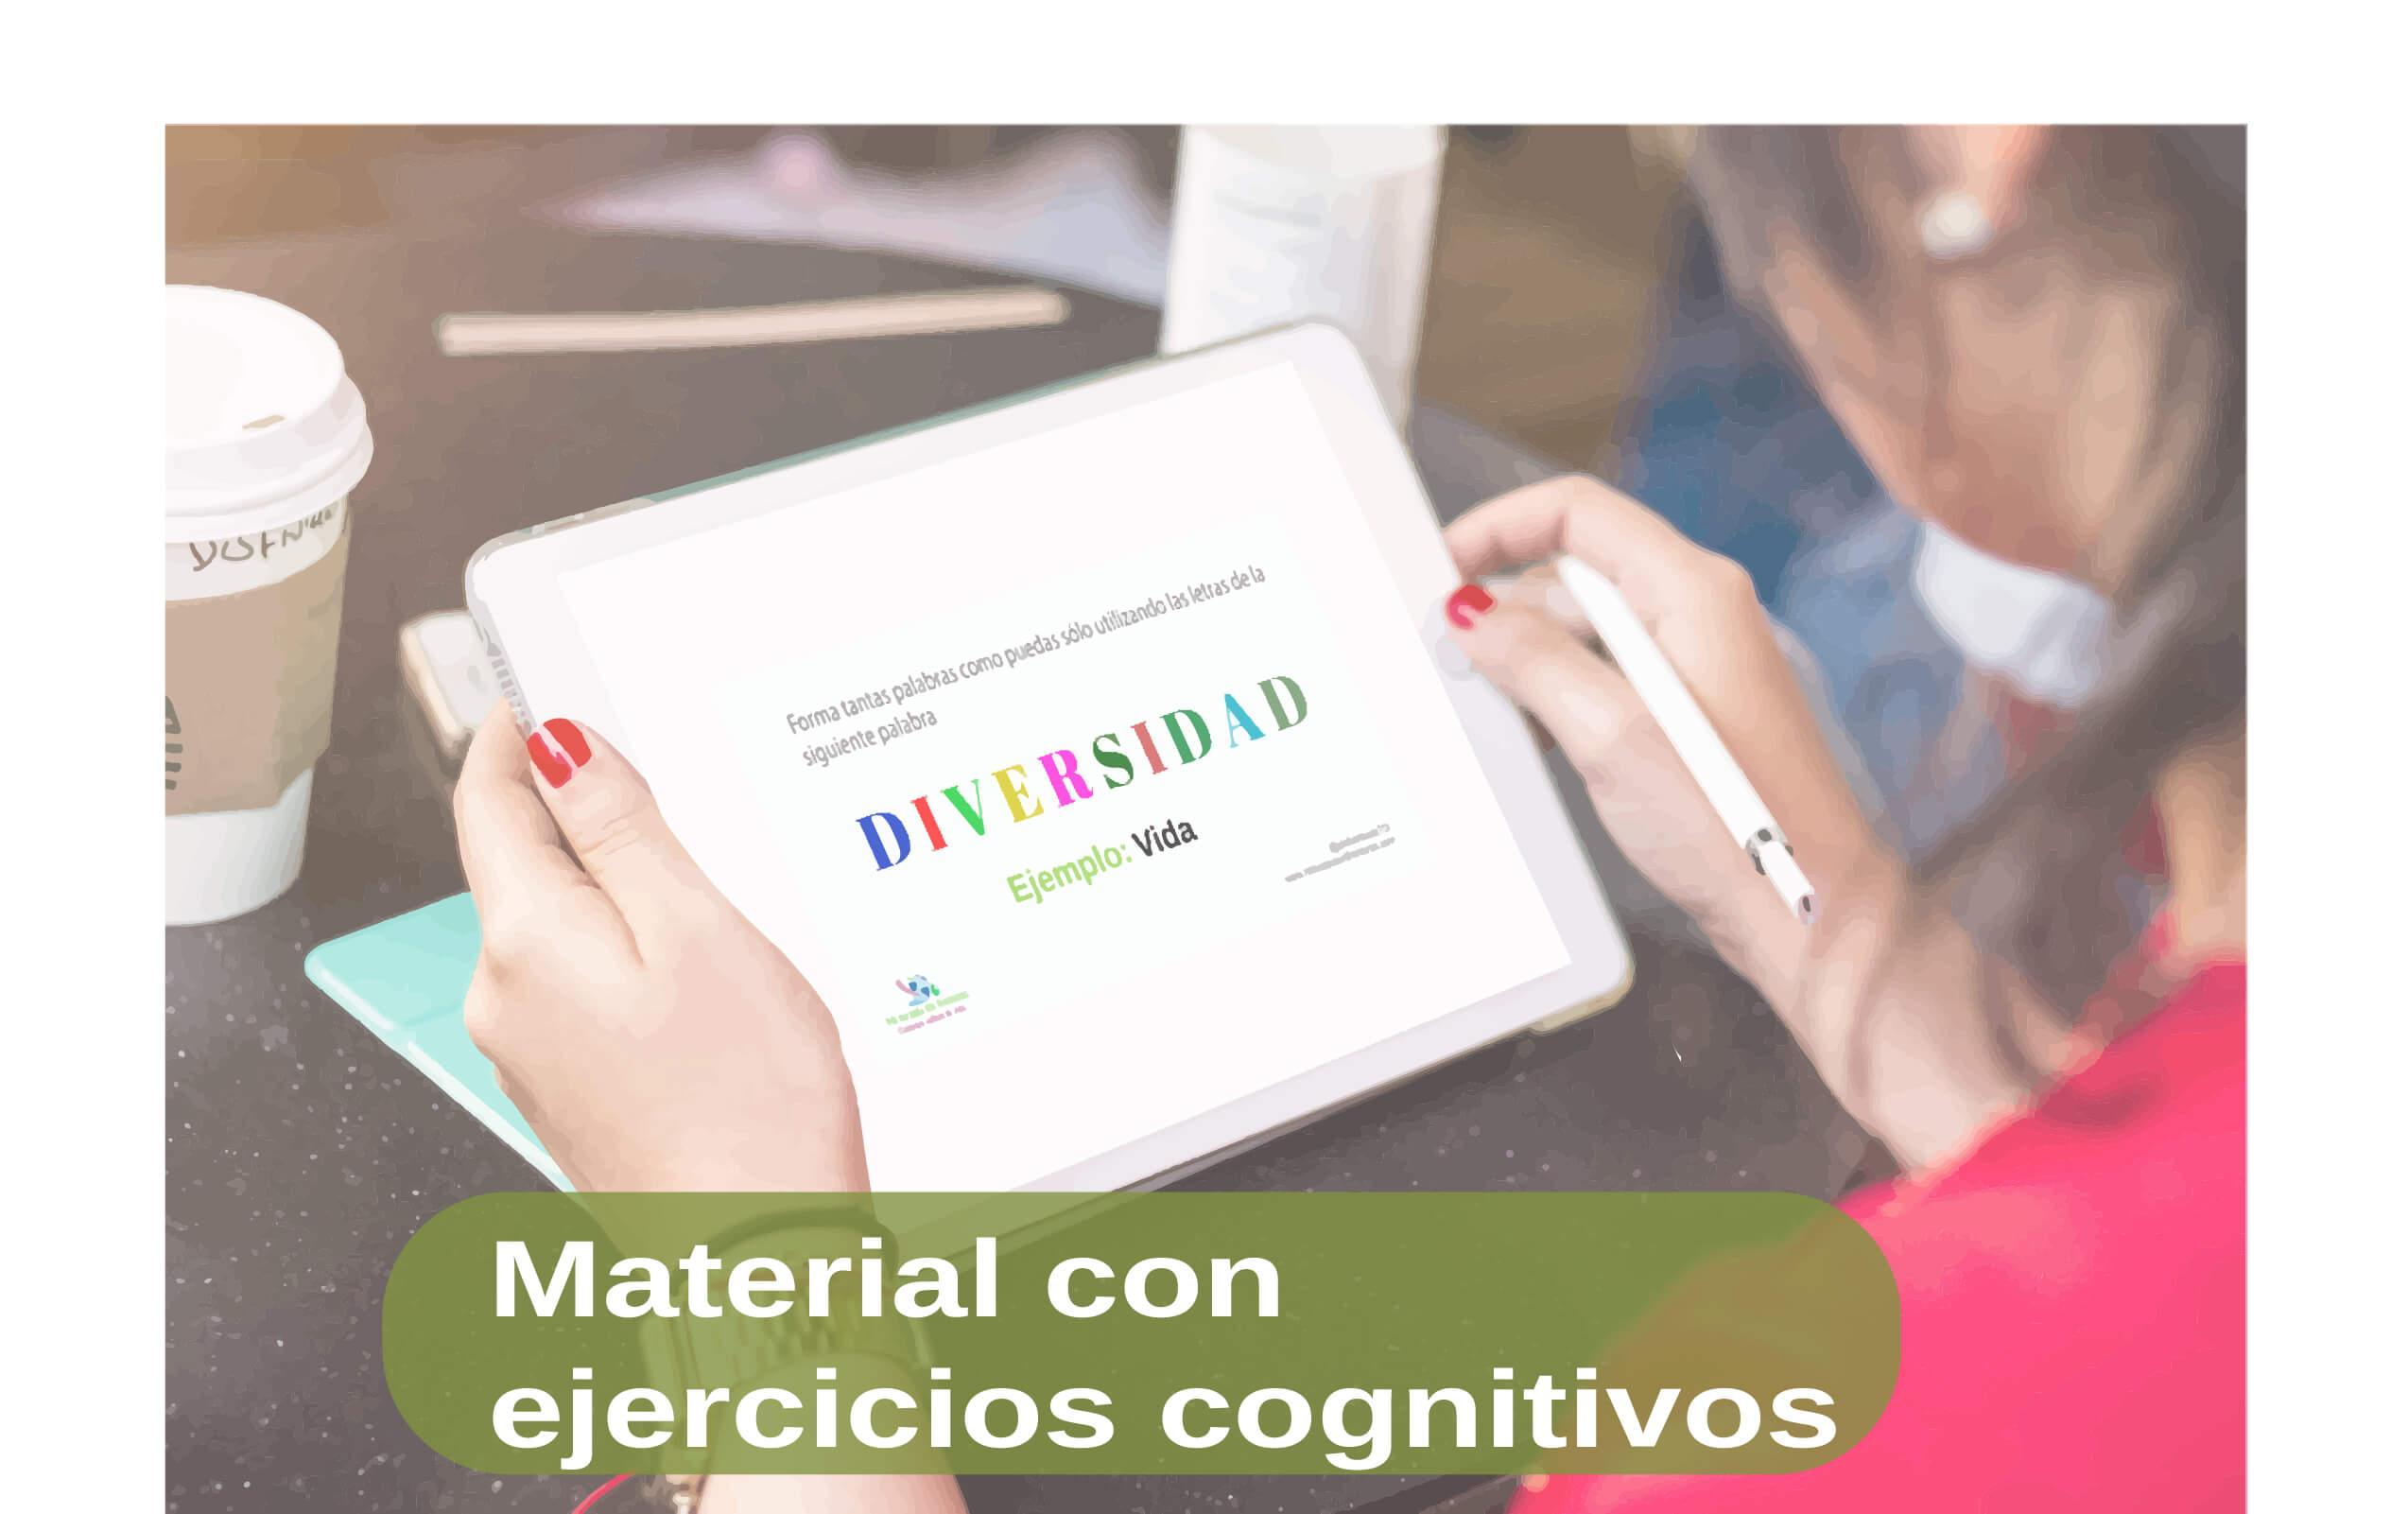 material con ejercicios cognitivos